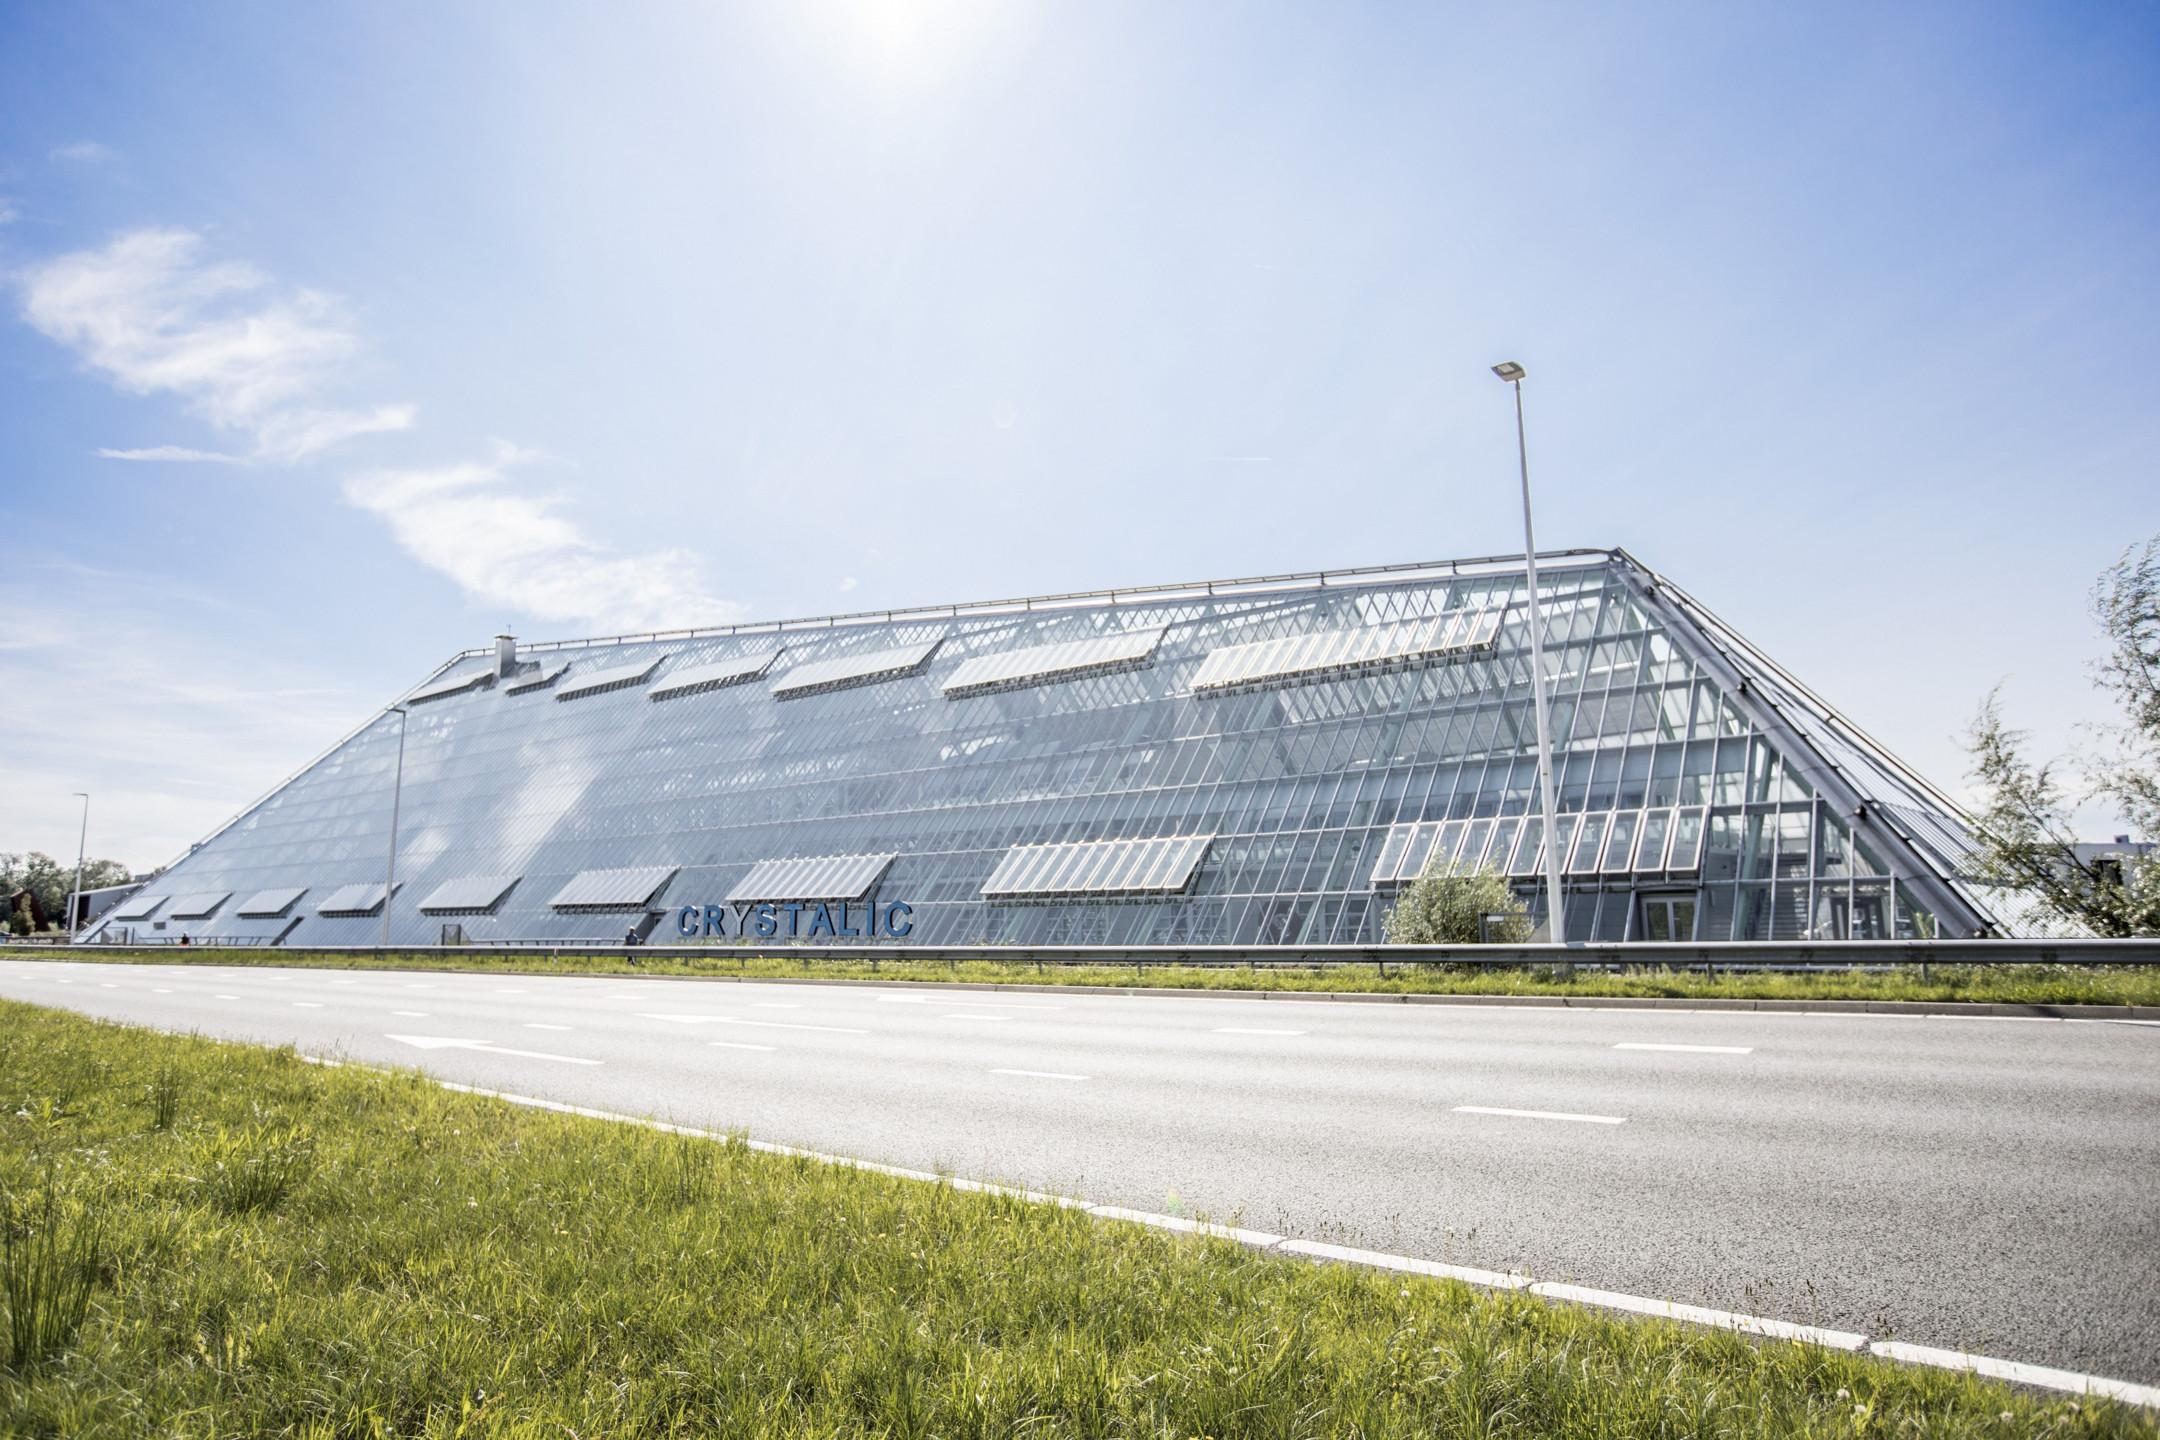 Kantoor huren in Business Park Crystalic Leeuwarden